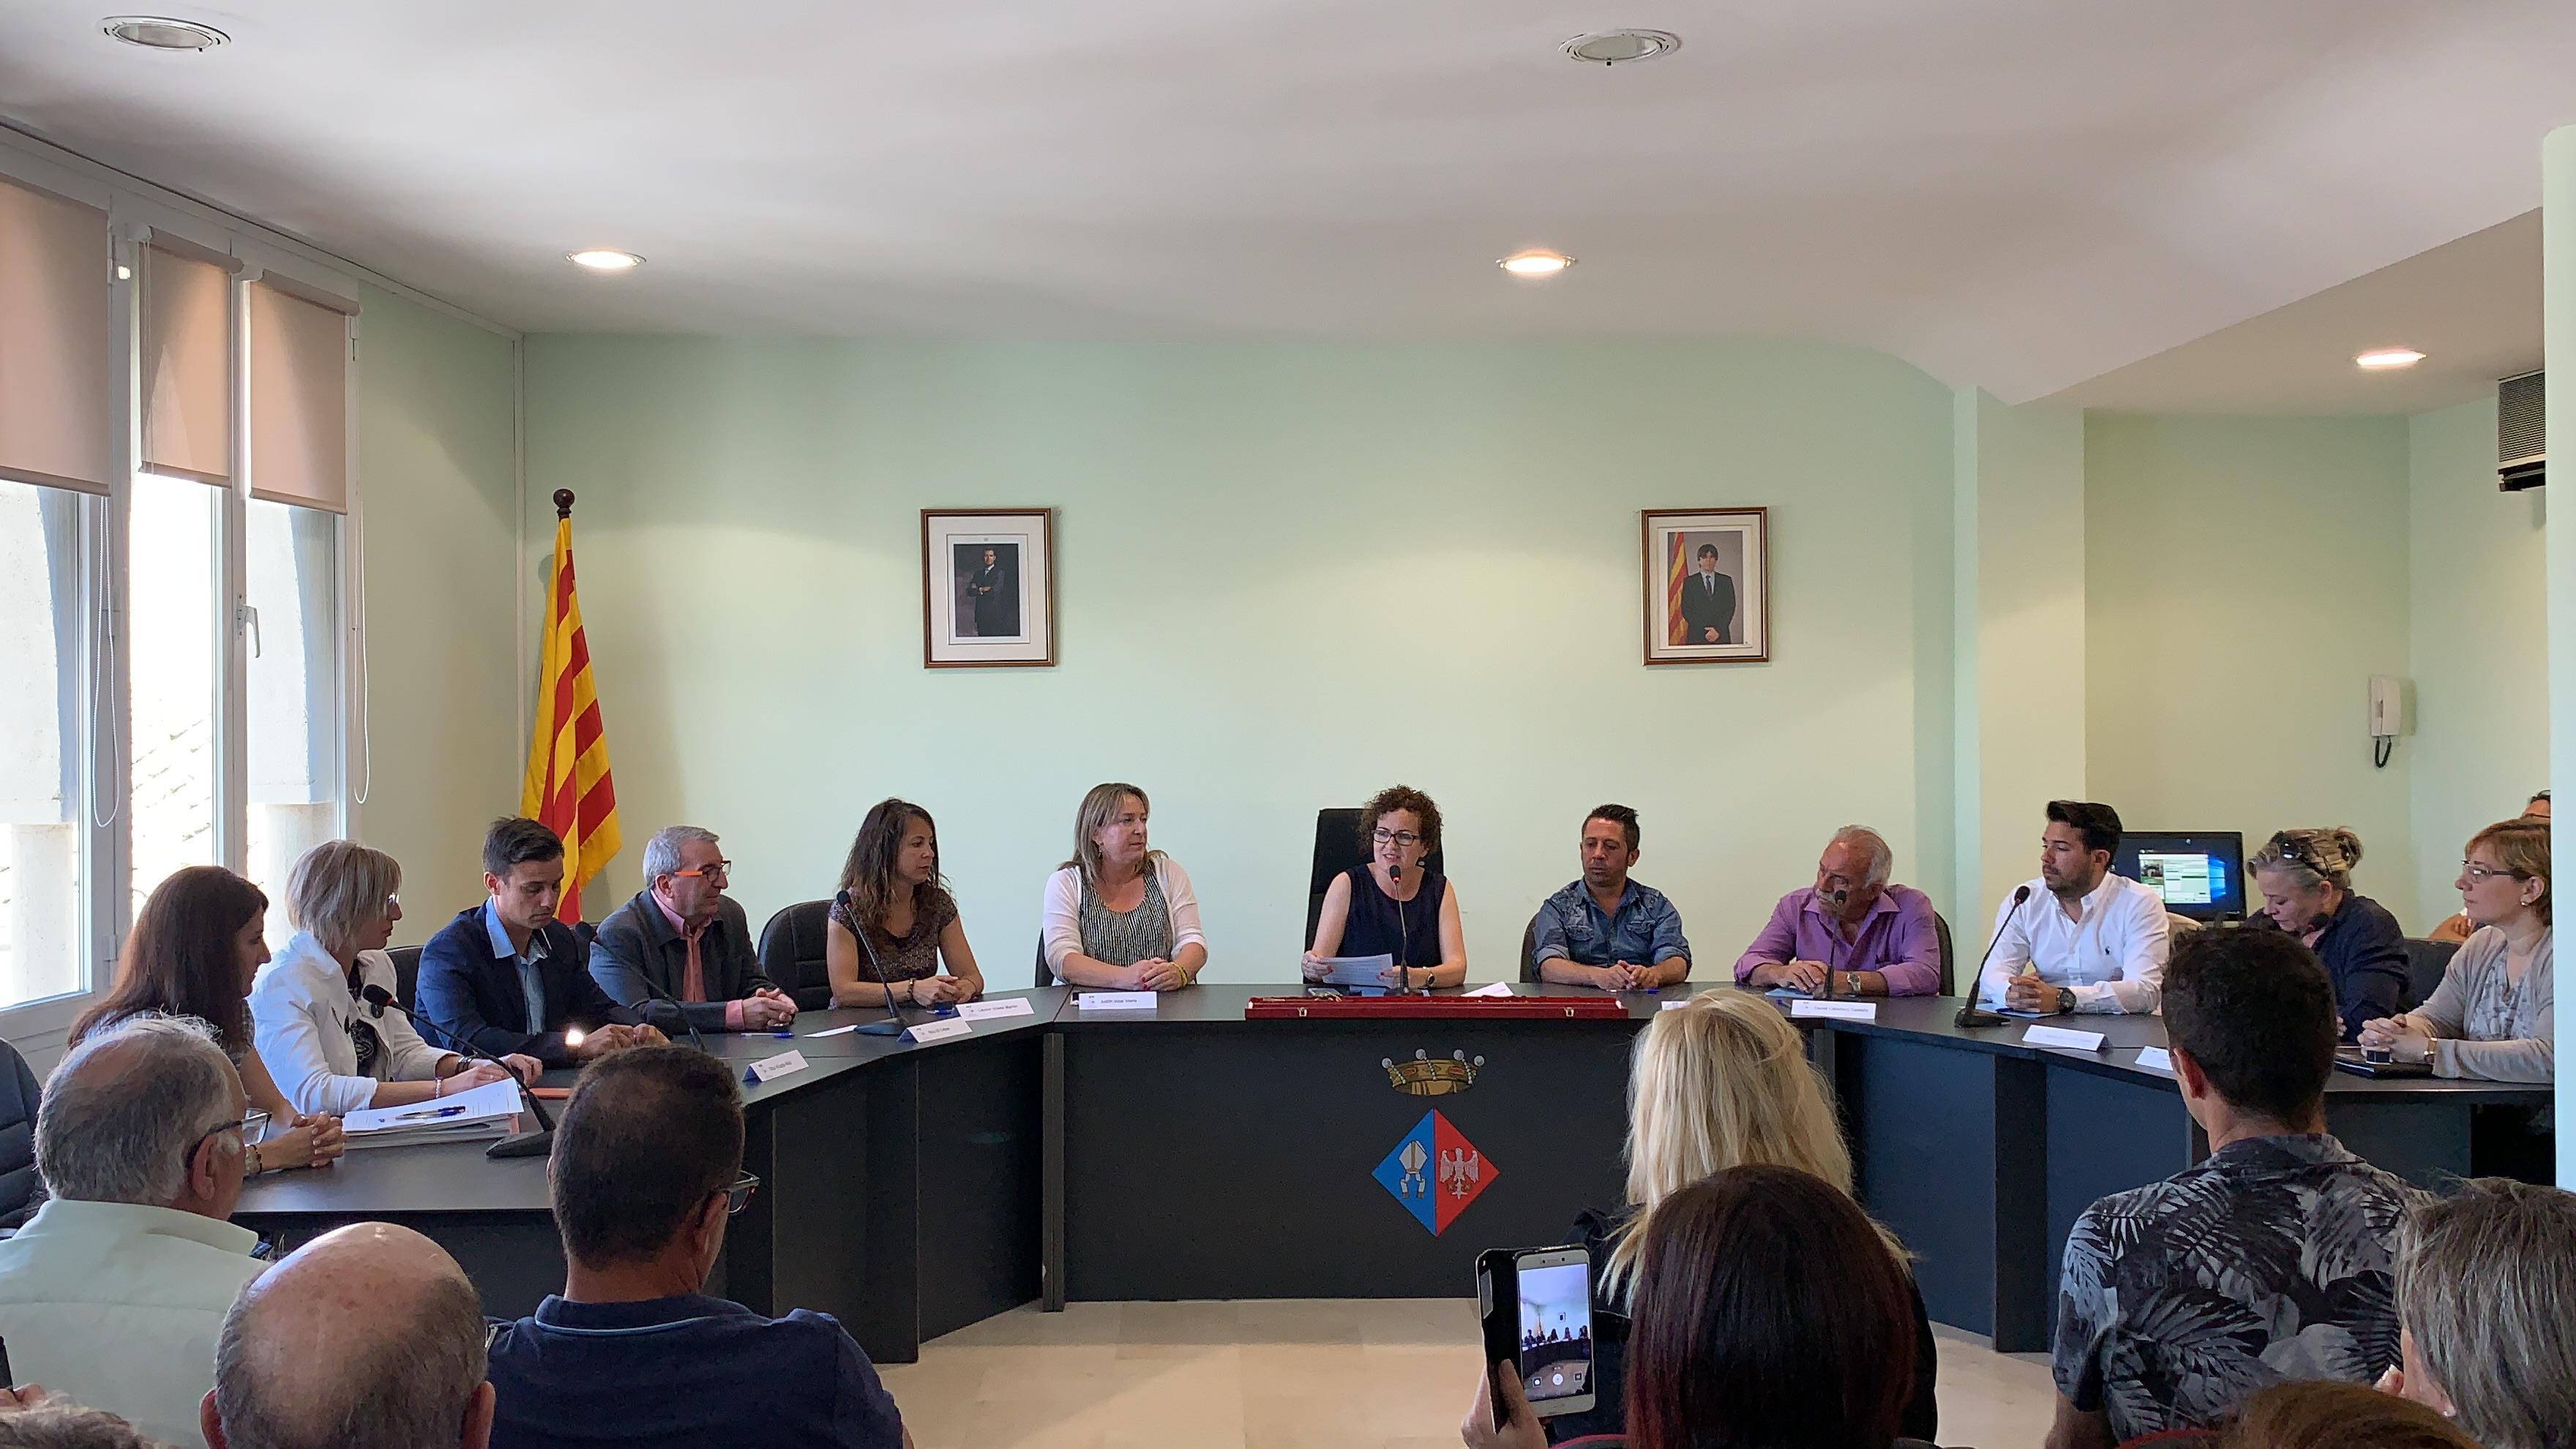 El proper dijous 4 de juliol a les 20:30h tindrà lloc un Ple extraordinari a l'Ajuntament de la Bisbal del Penedès